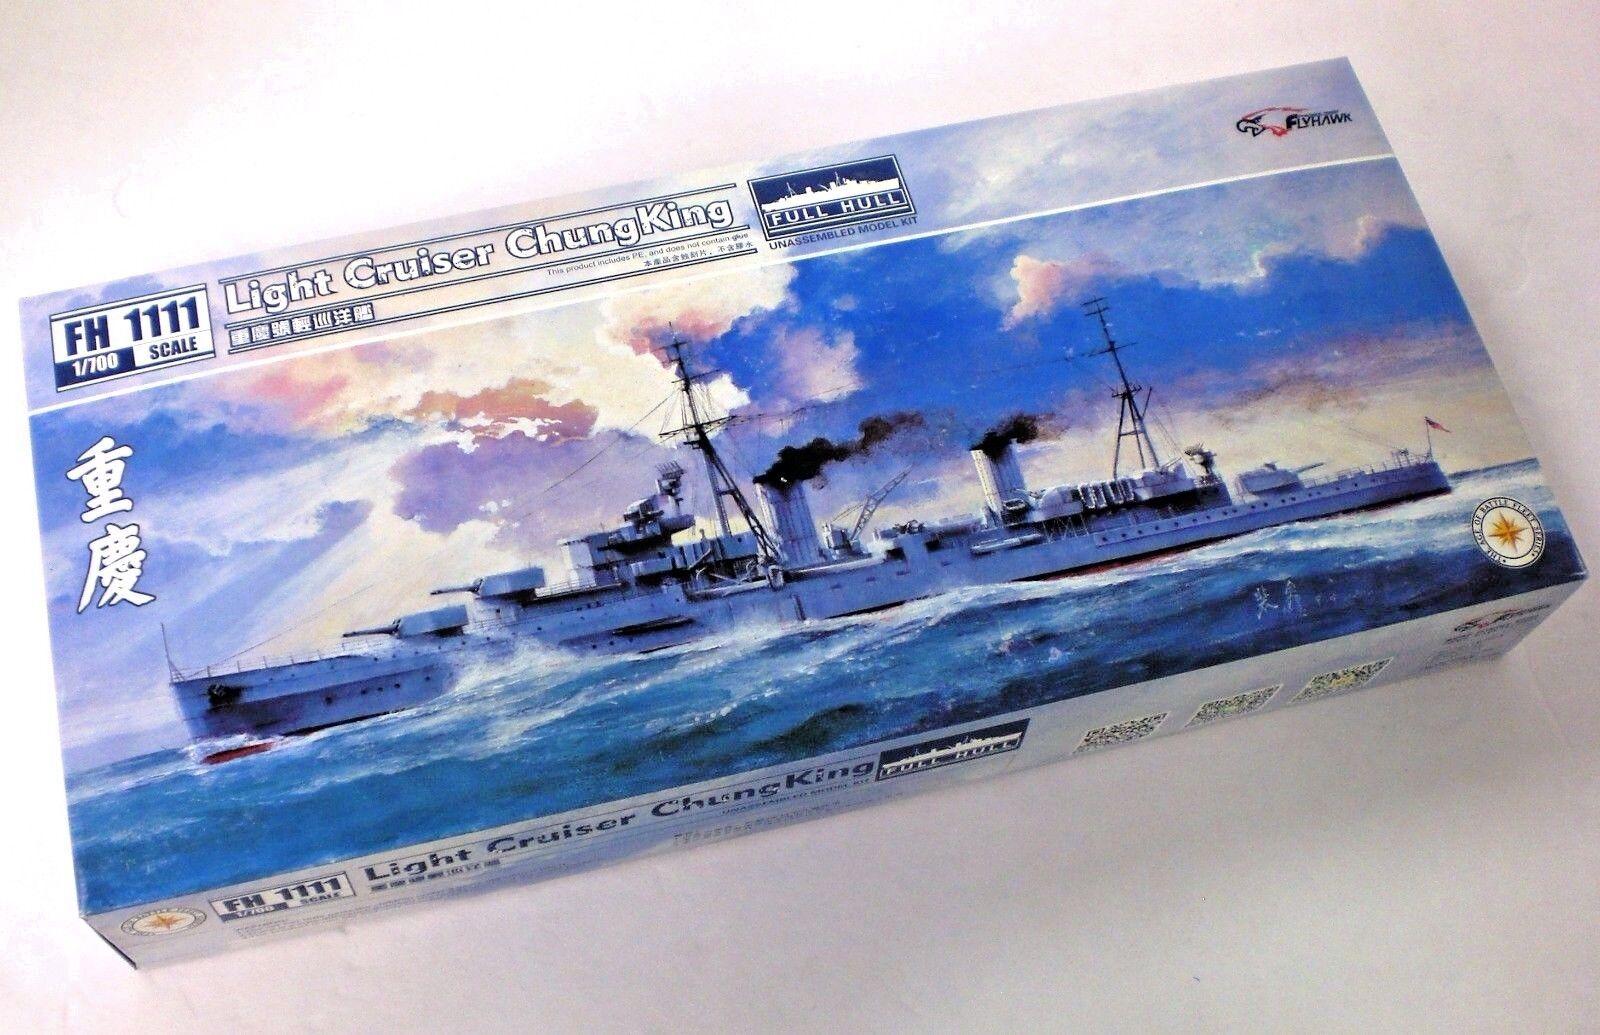 Flyhawk Models 1 700 Scale Light Cruiser Chung King Full Hull Model Kit No. 1111